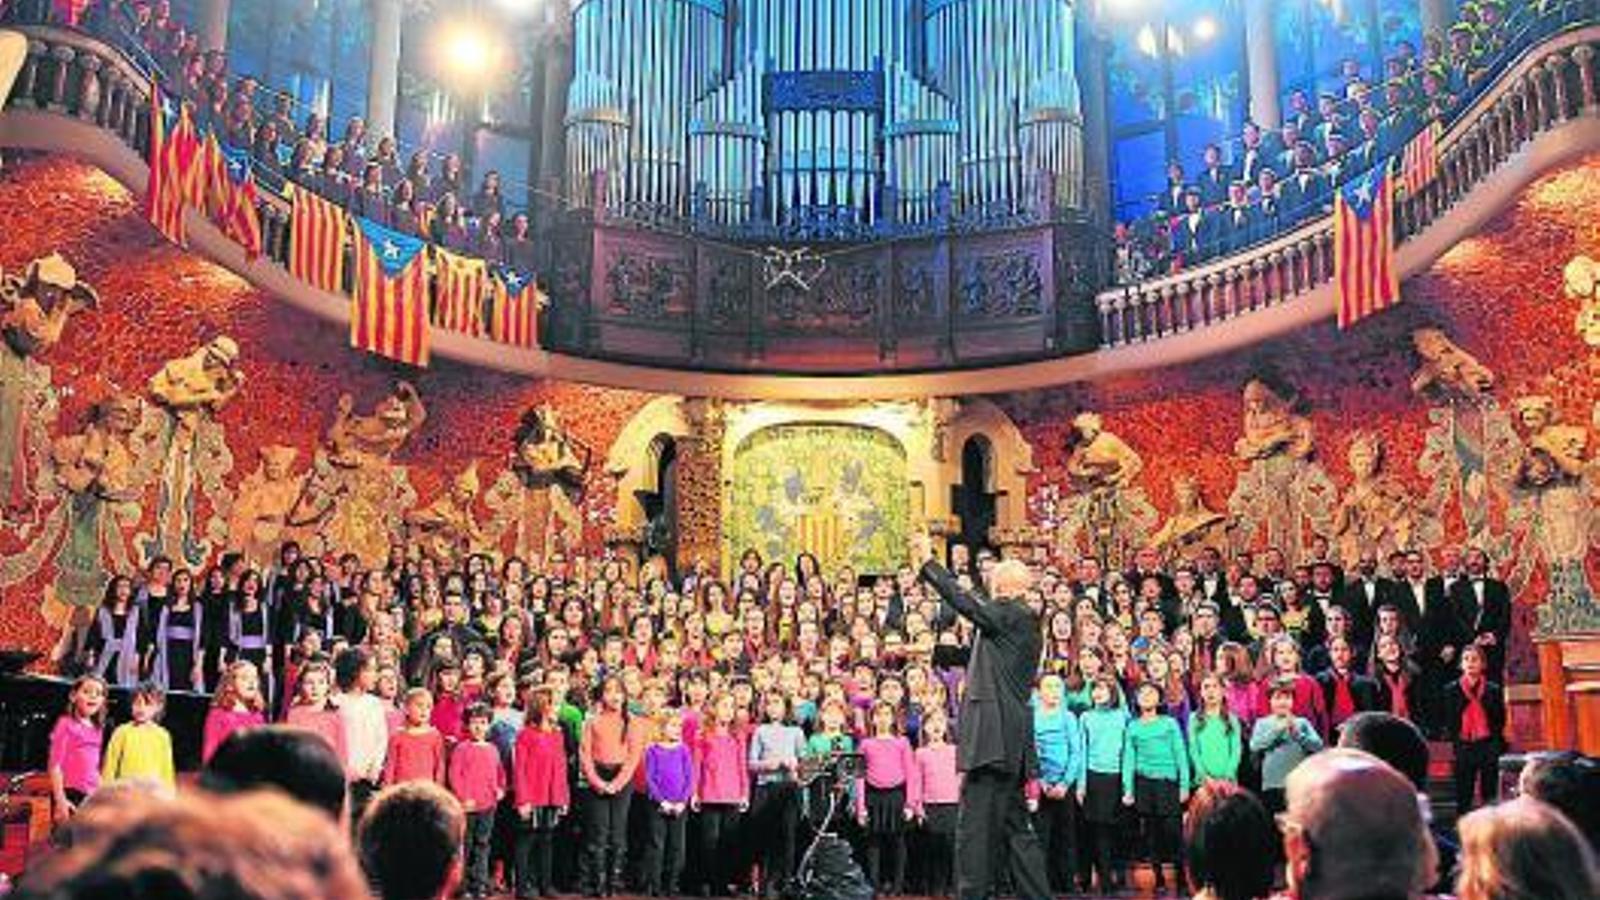 Concert de l'Orfeó Català el passat 26 de desembre al Palau de la Música